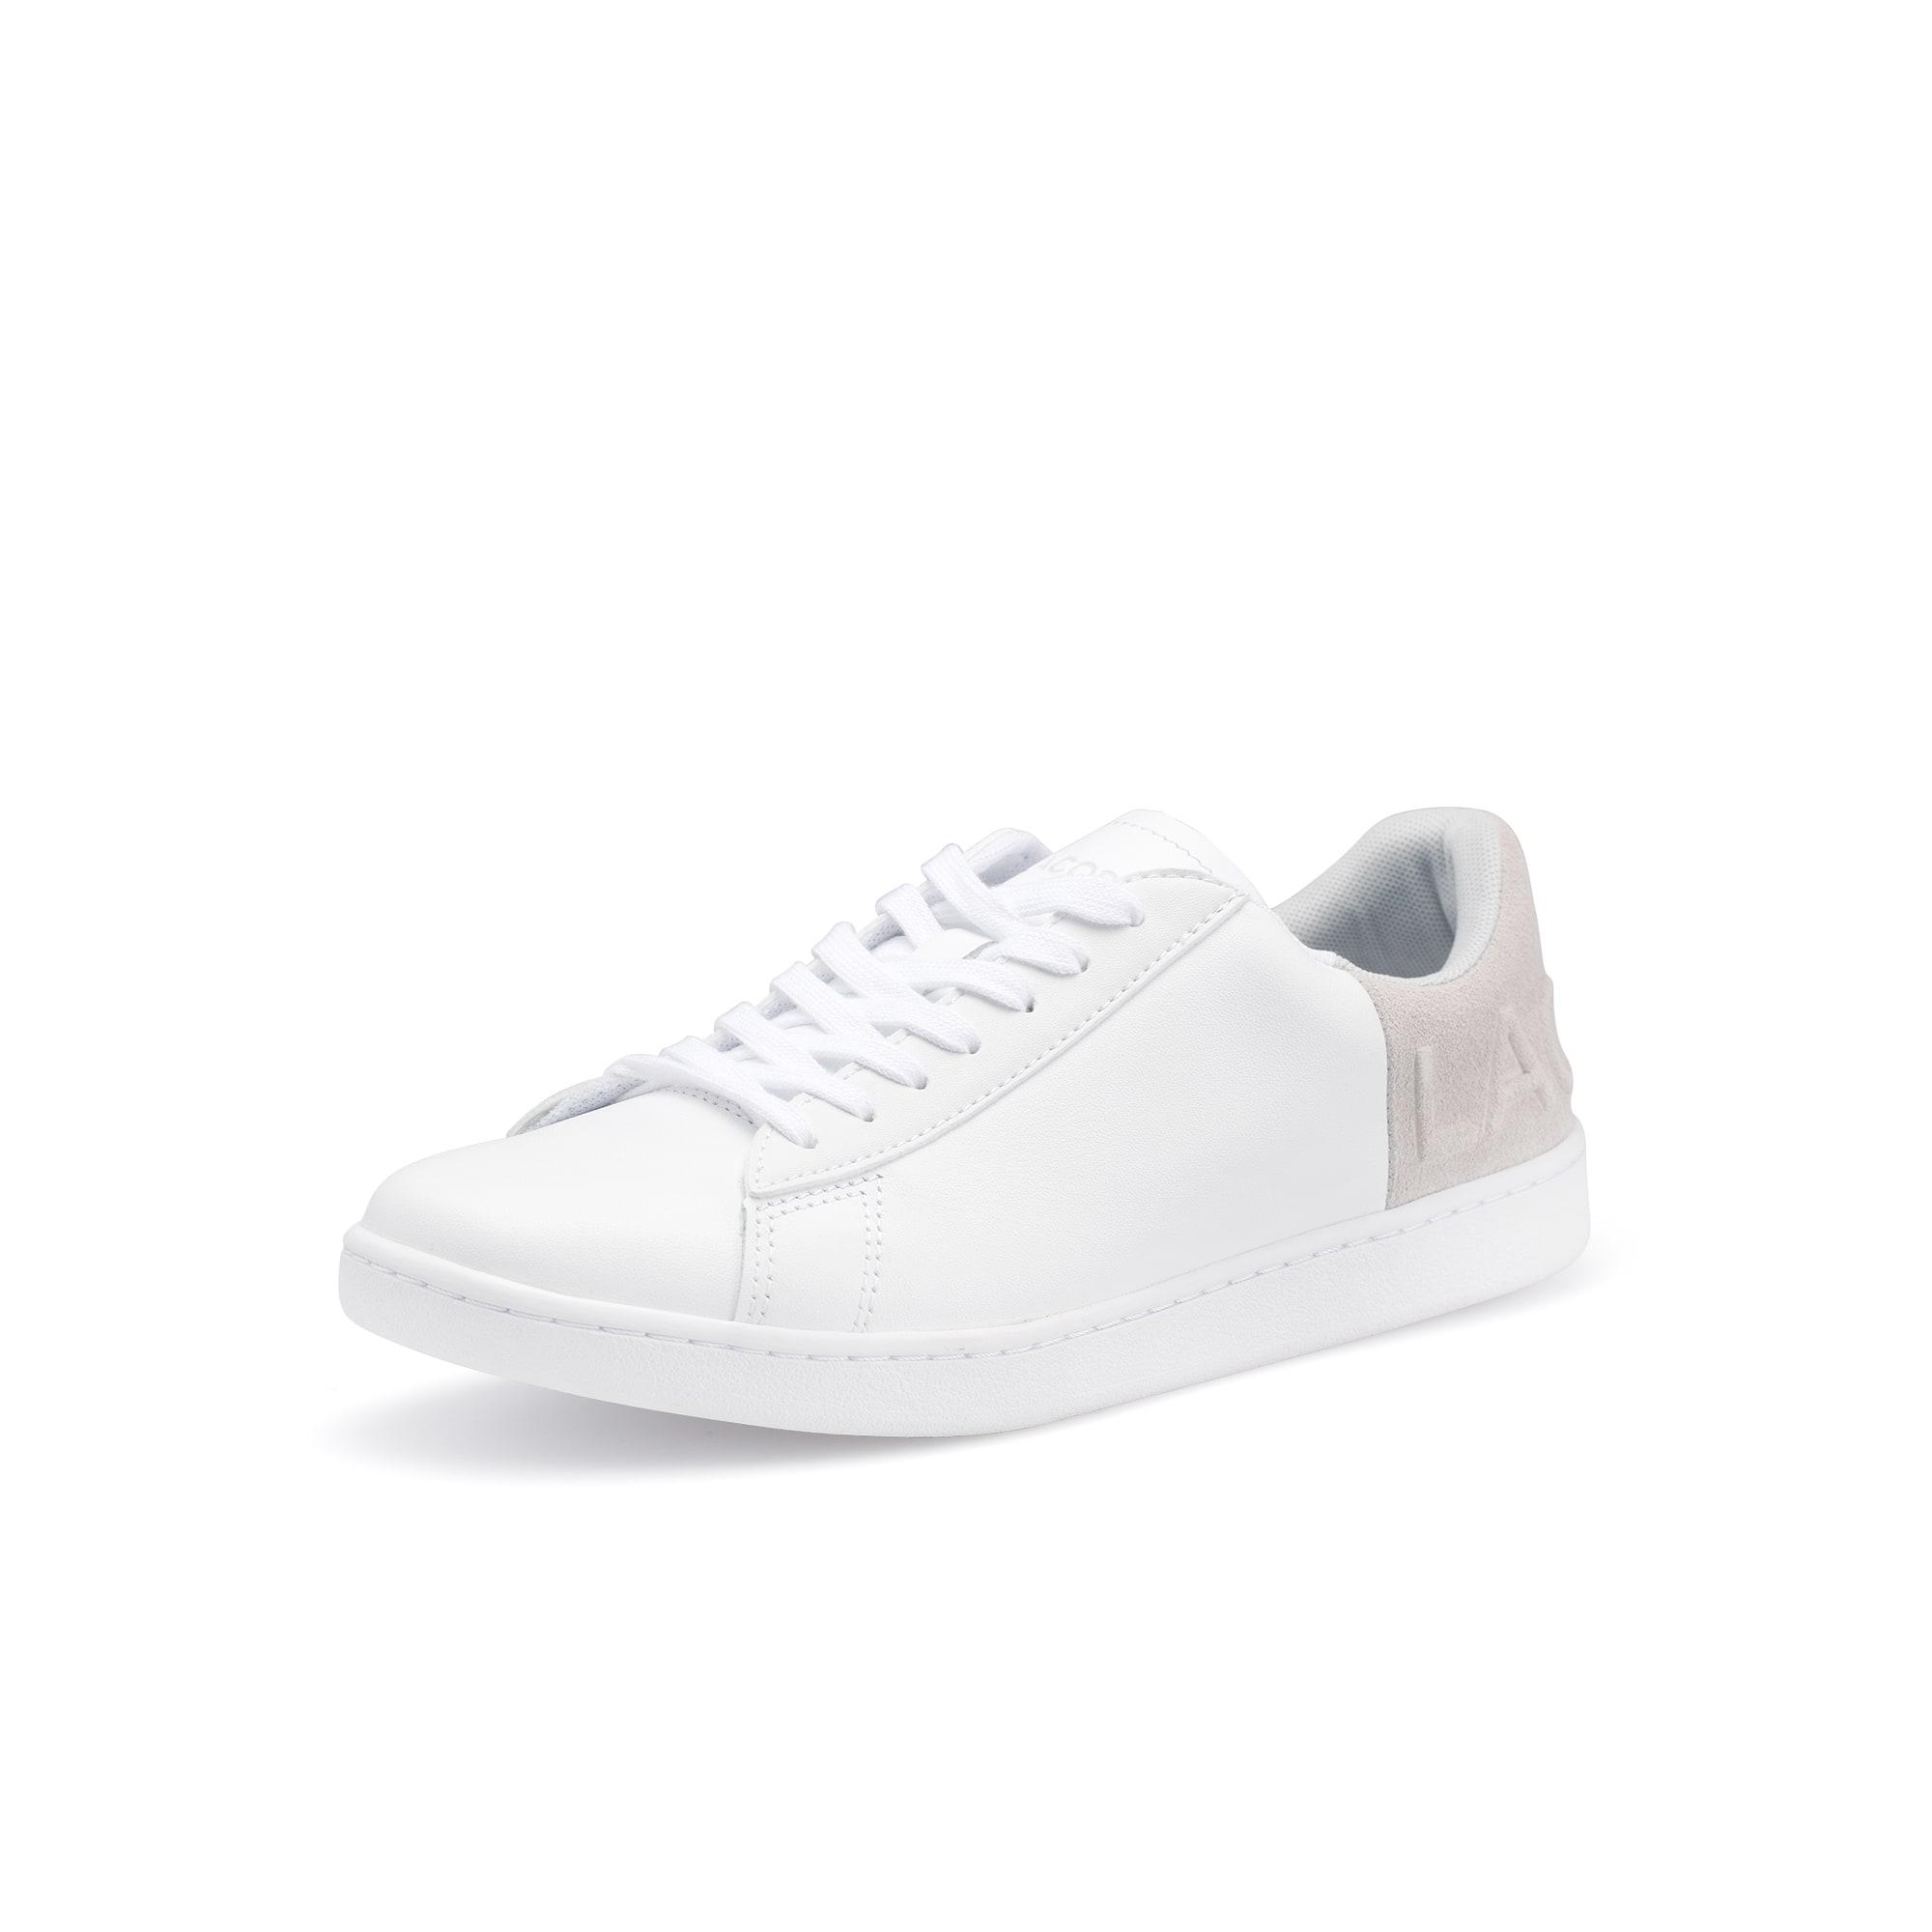 男士Carnaby Evo系列色块拼接皮革运动鞋